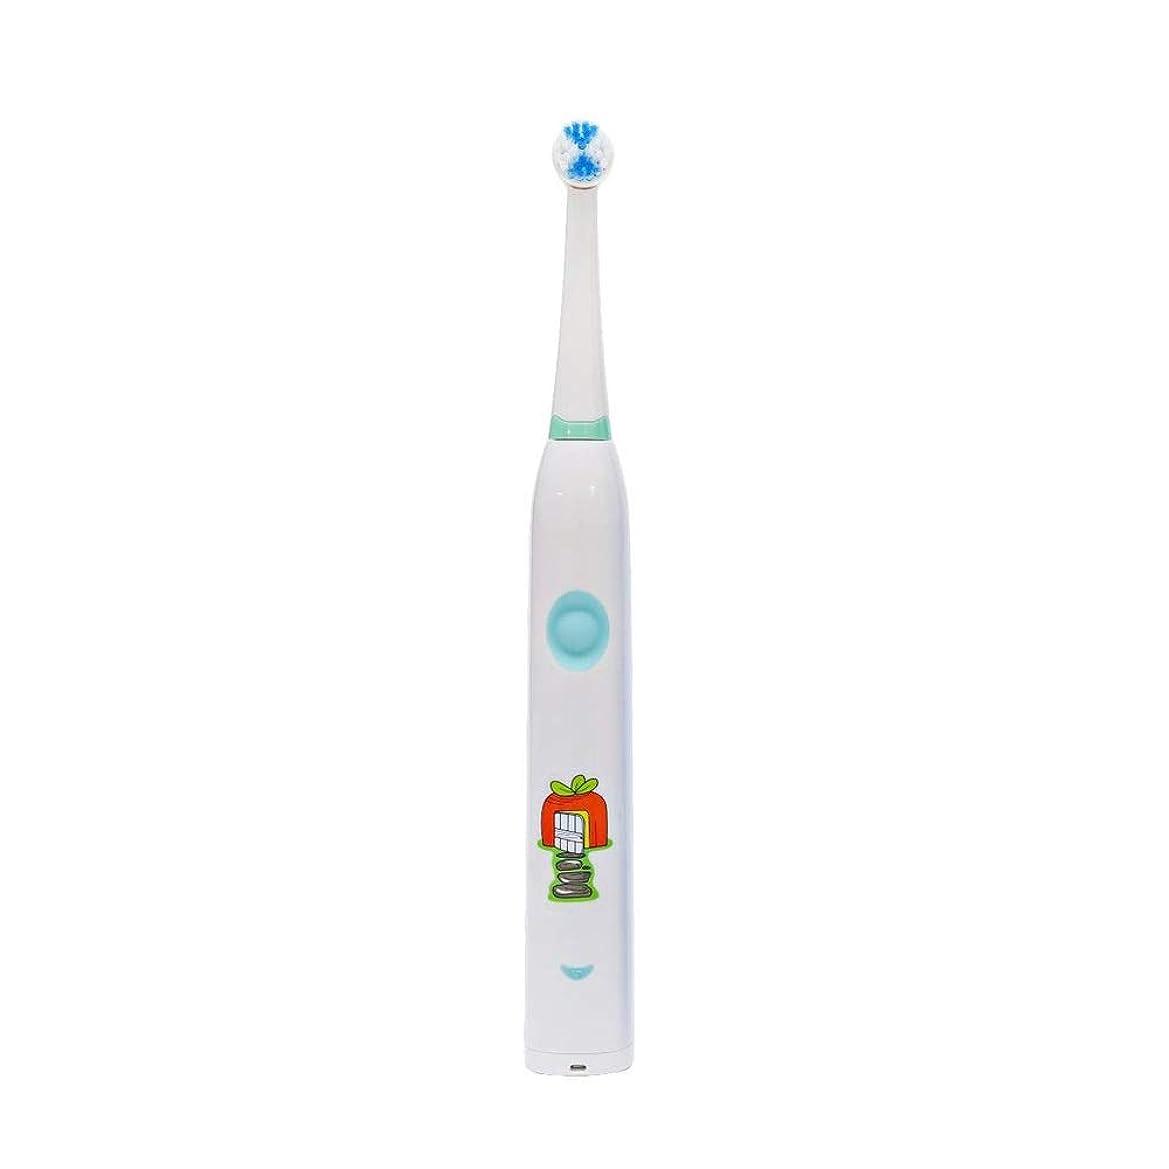 密輸インシュレータ制約子供用電動歯ブラシかわいいUSB充電式歯ブラシ 完全な口腔ケアのために (色 : 白, サイズ : Free size)